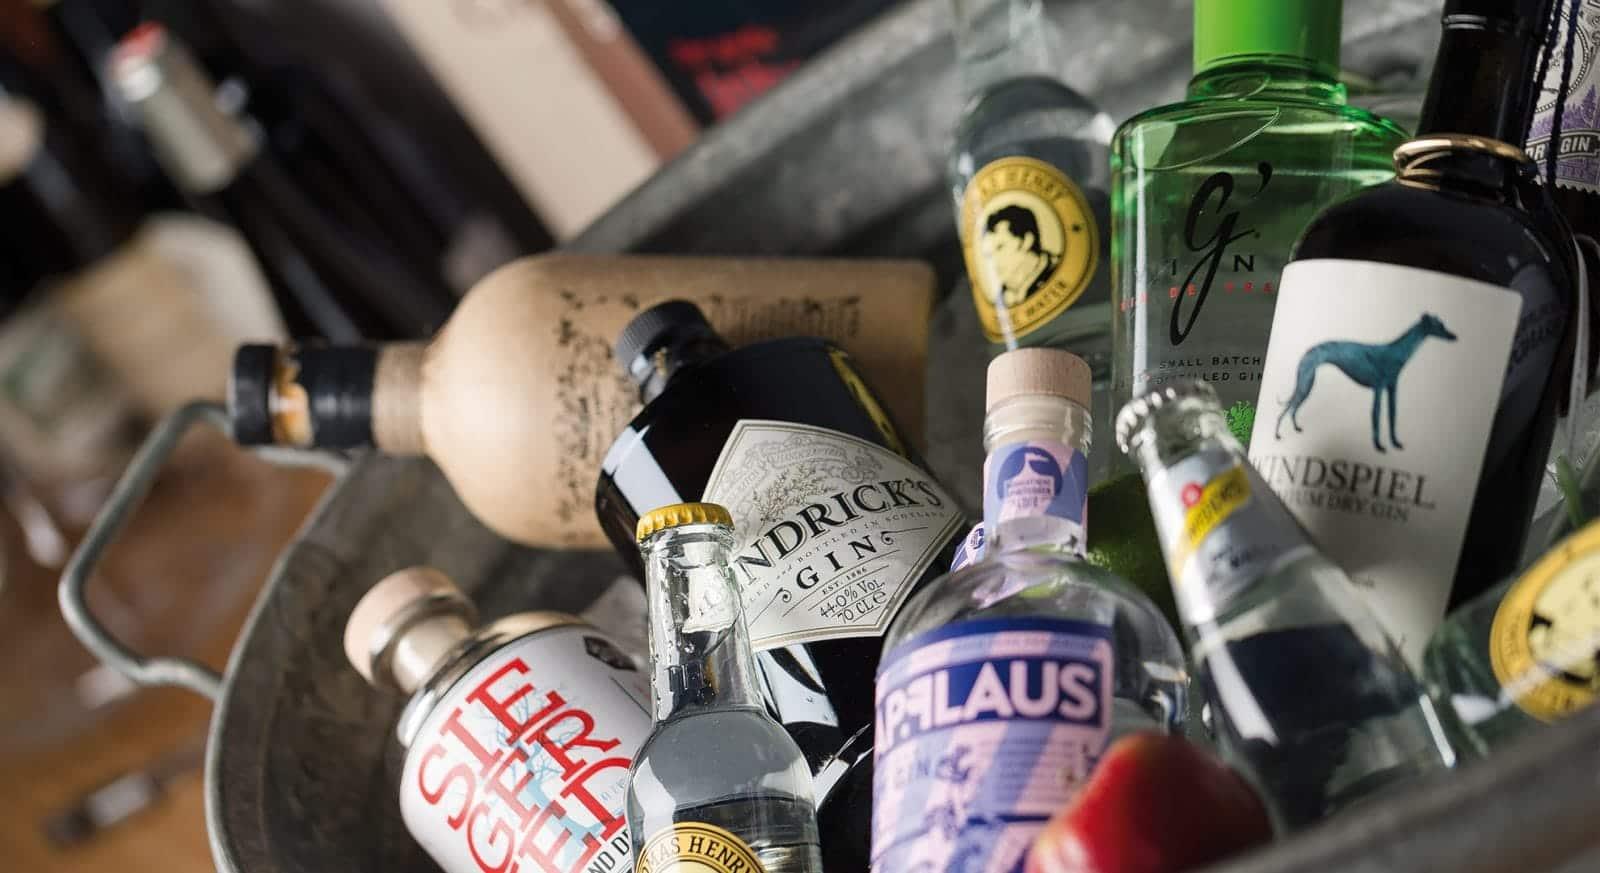 Cocktail Catering Frankfurt - Gin Tasting Incentive Programme für Mitarbeiter